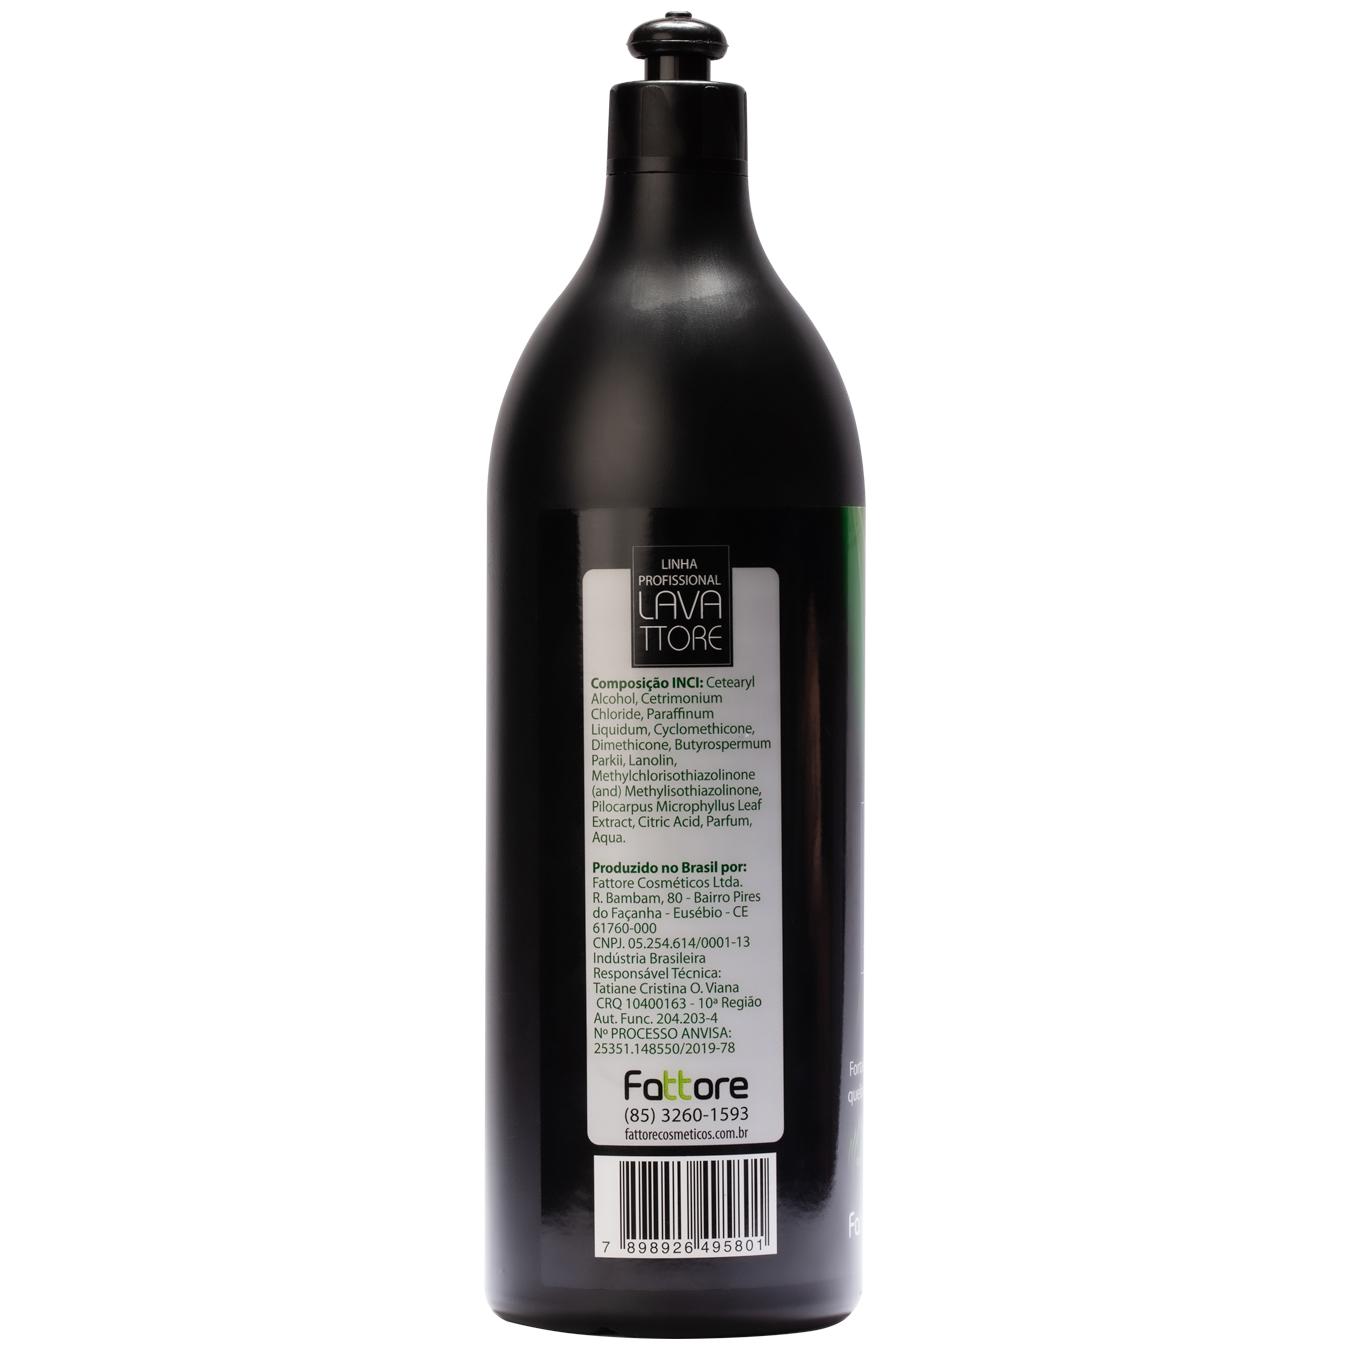 Fattore Creme para Pentear Linha Profissional Lavattore Jaborandi 1,030L